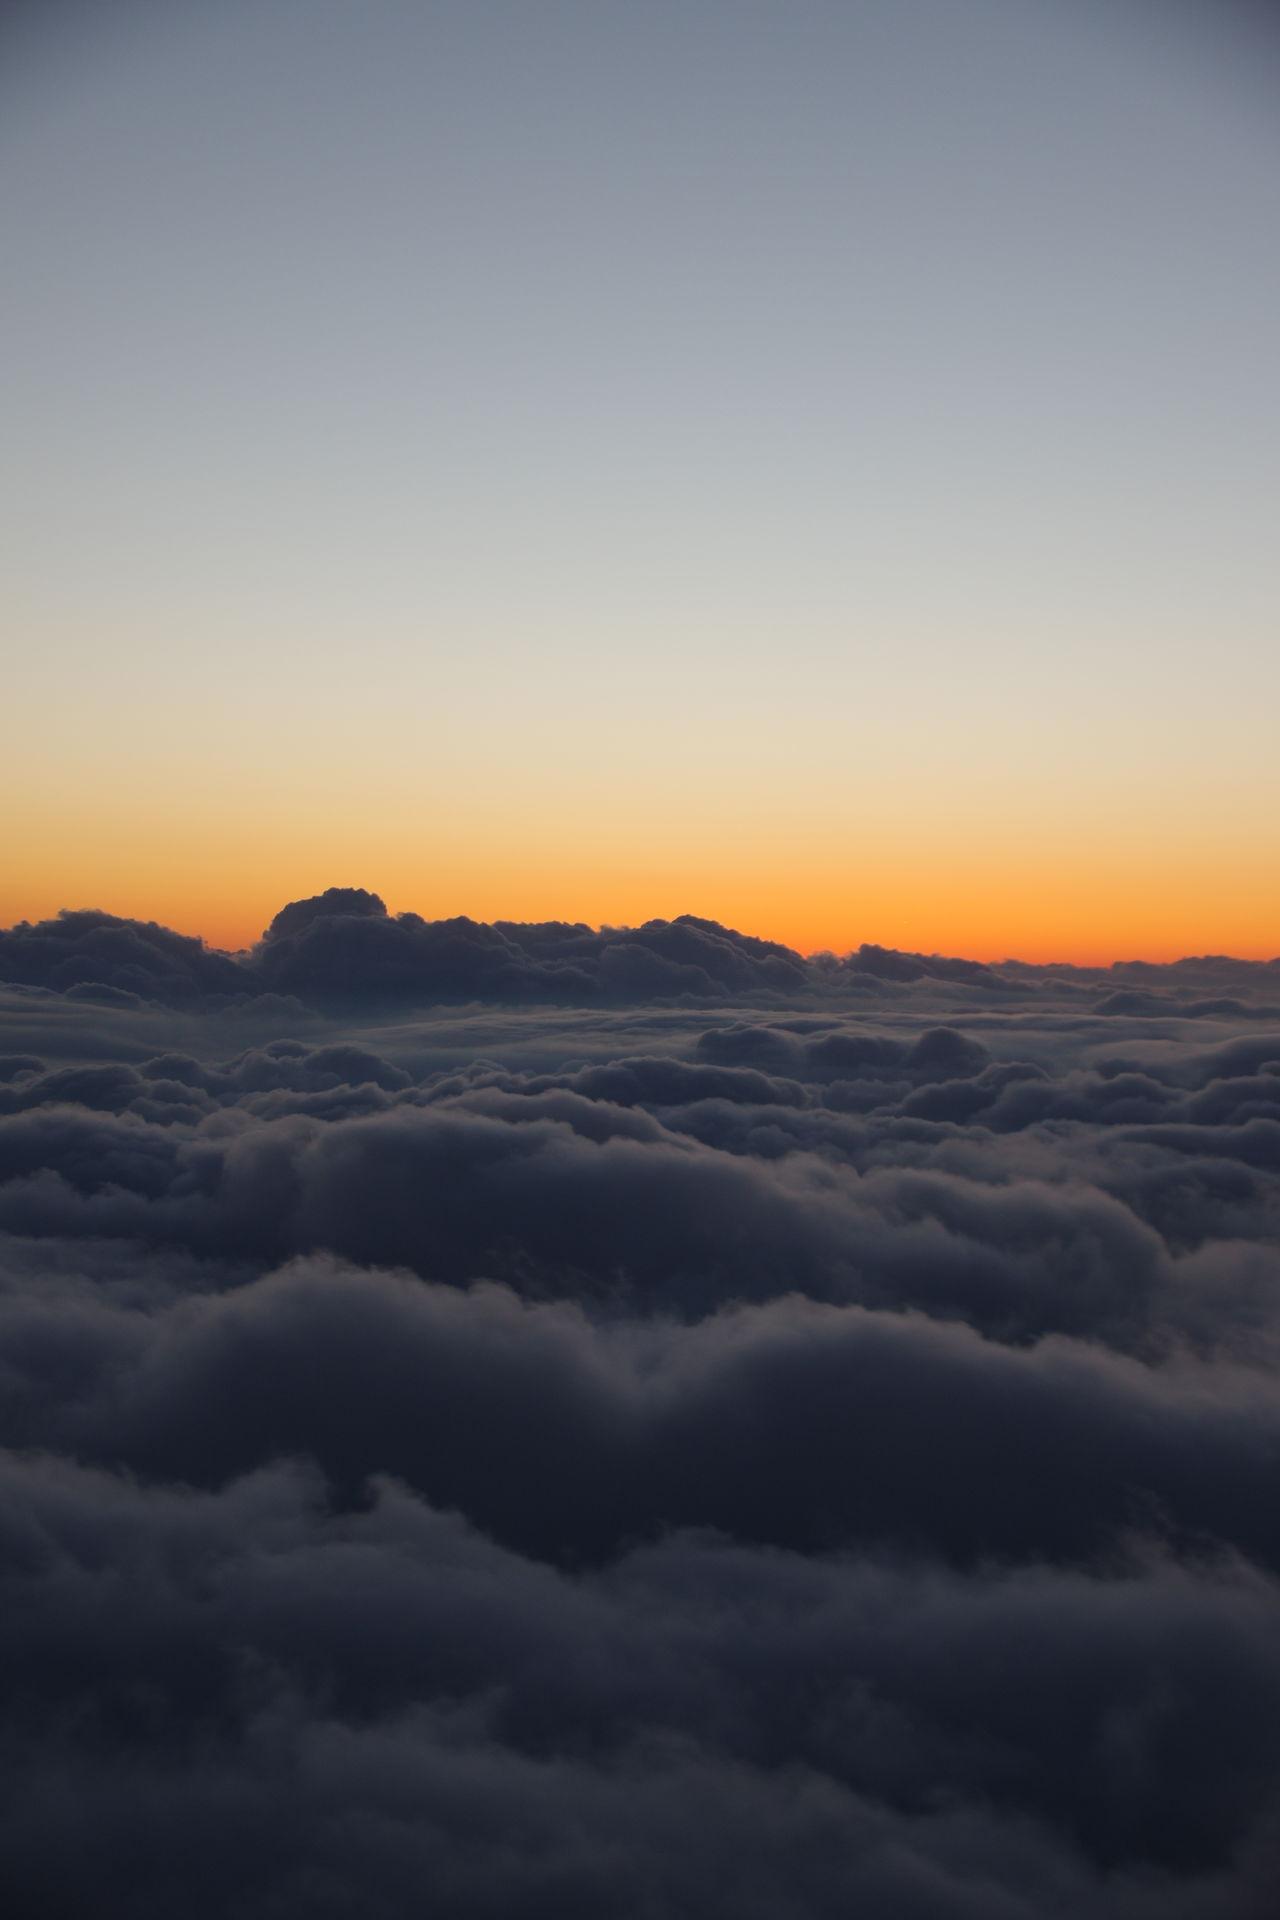 ソウル金浦から羽田へ / 서을 김포에서 도쿄에. Sunset Beauty In Nature Sky Travel Cloud - Sky No People 한국 서을 감포 비행기 일본 도쿄 하늘